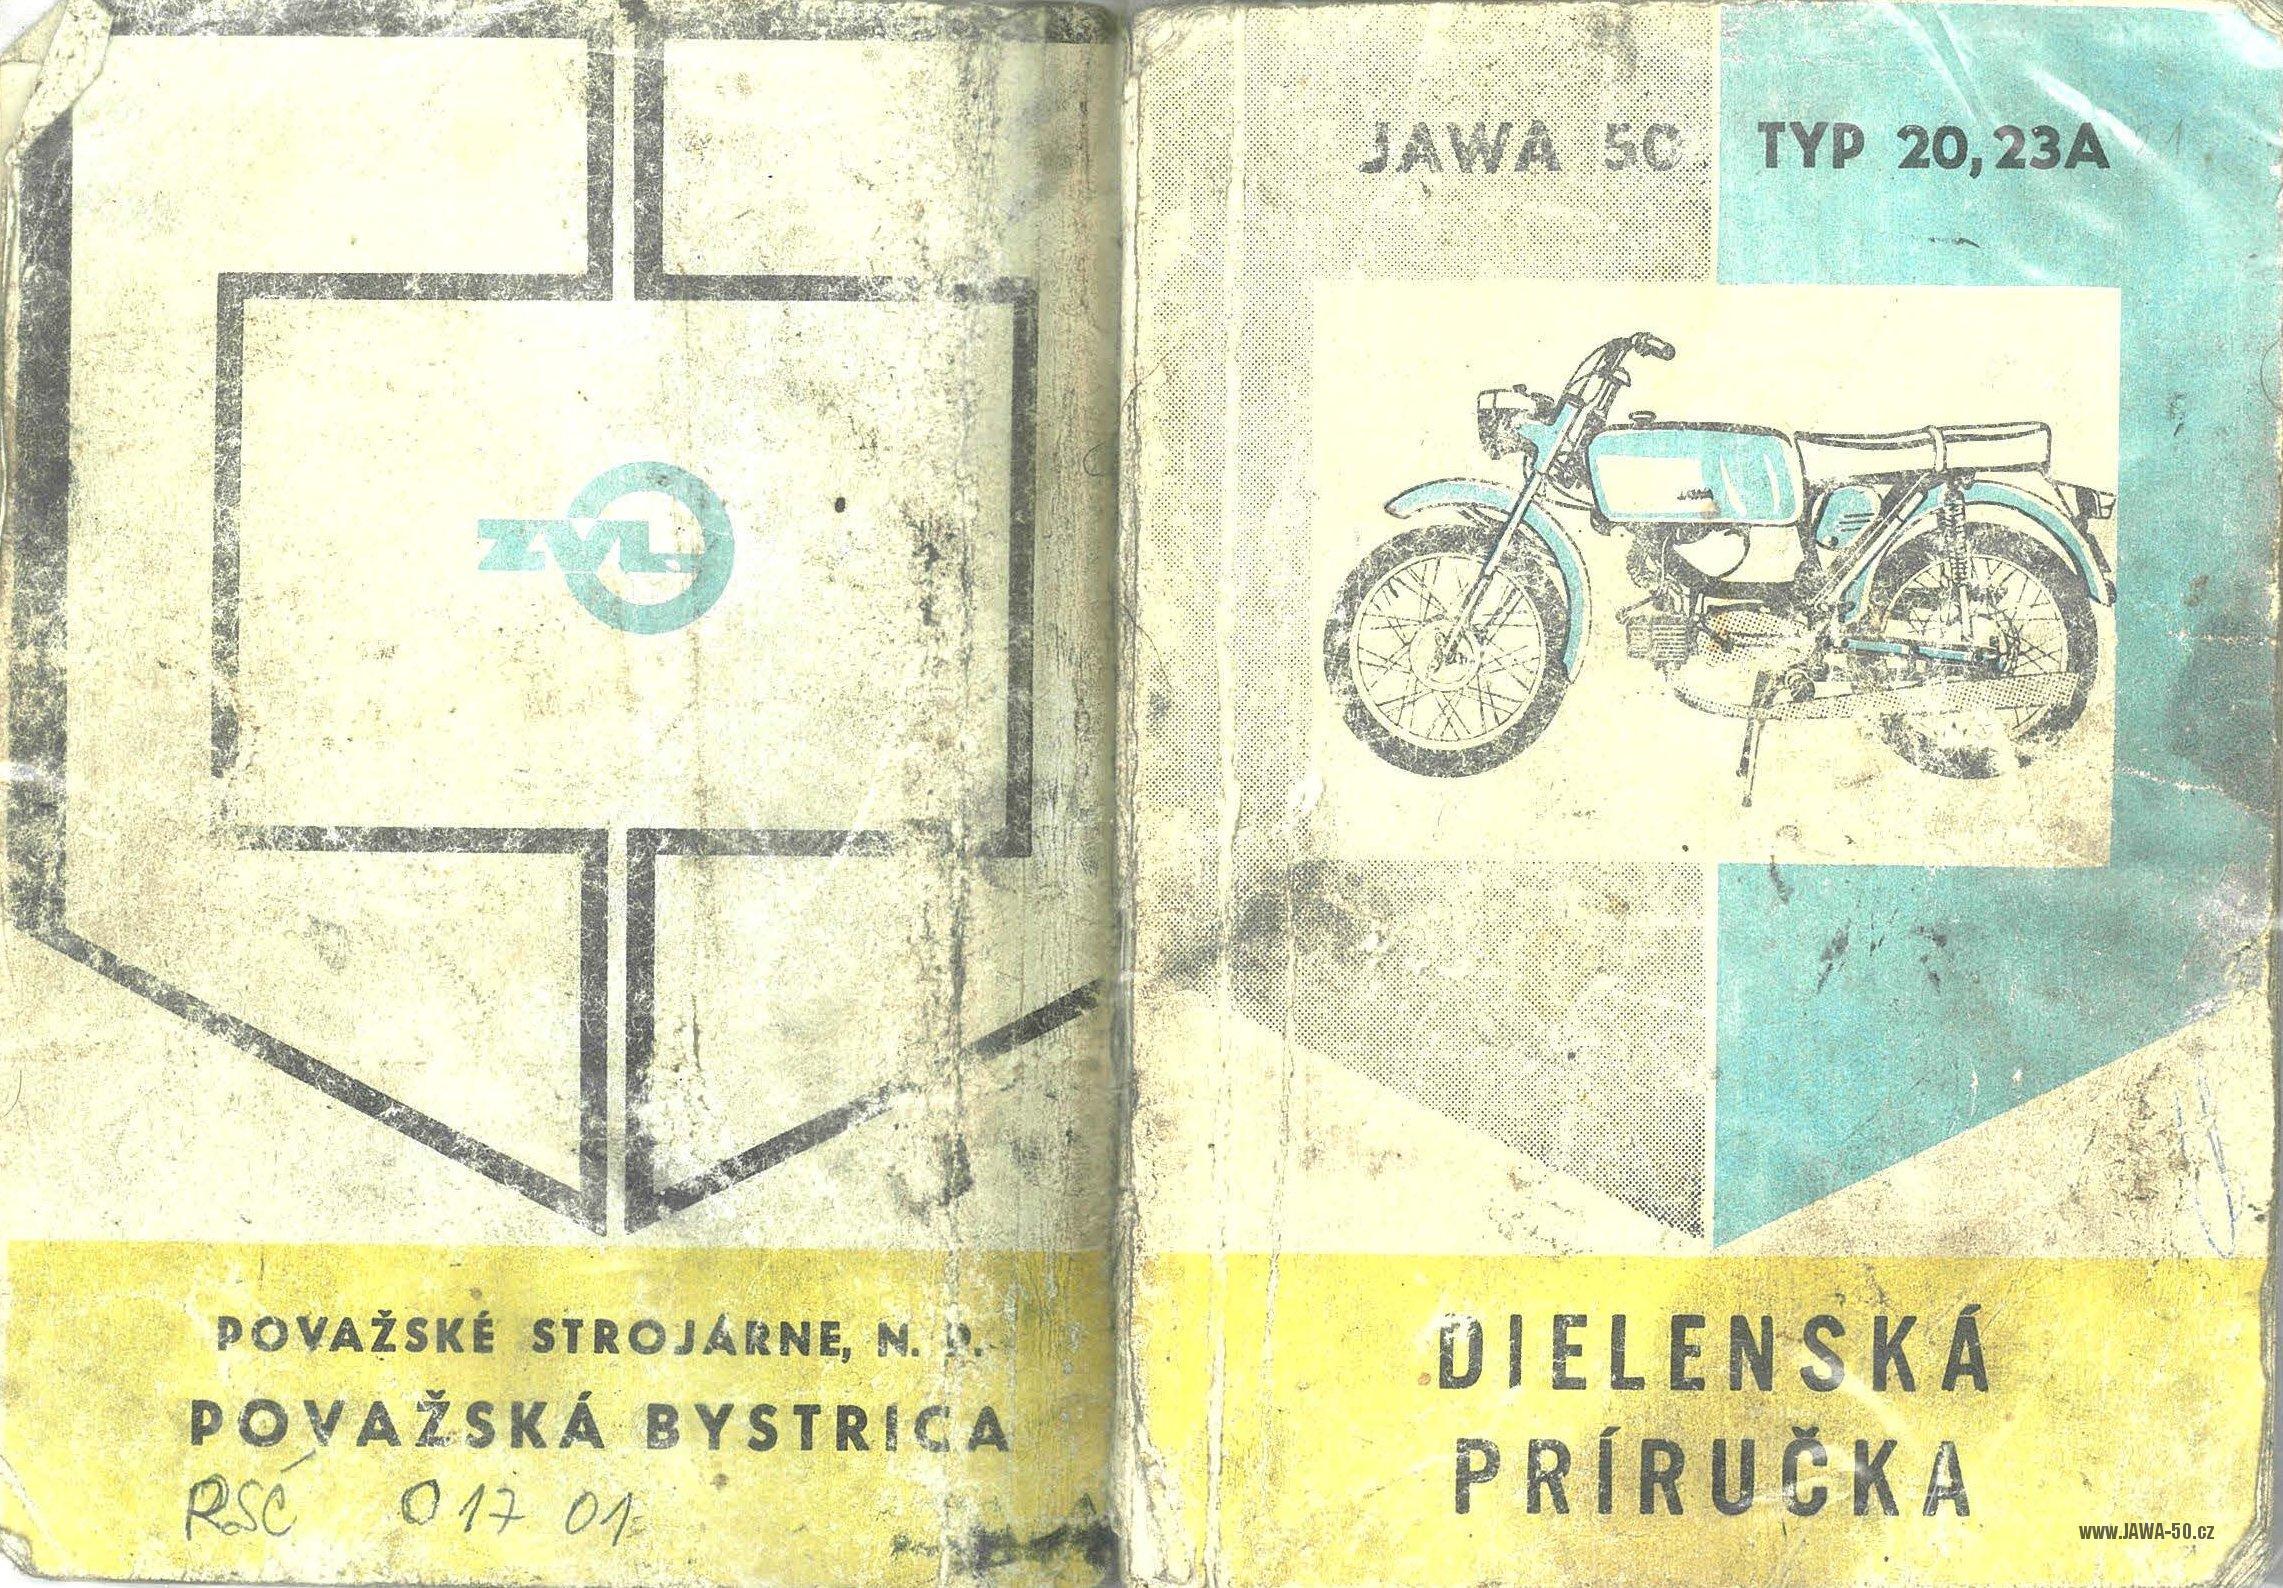 Dílenská příručka k motocyklům Jawa 20, 23A Mustang